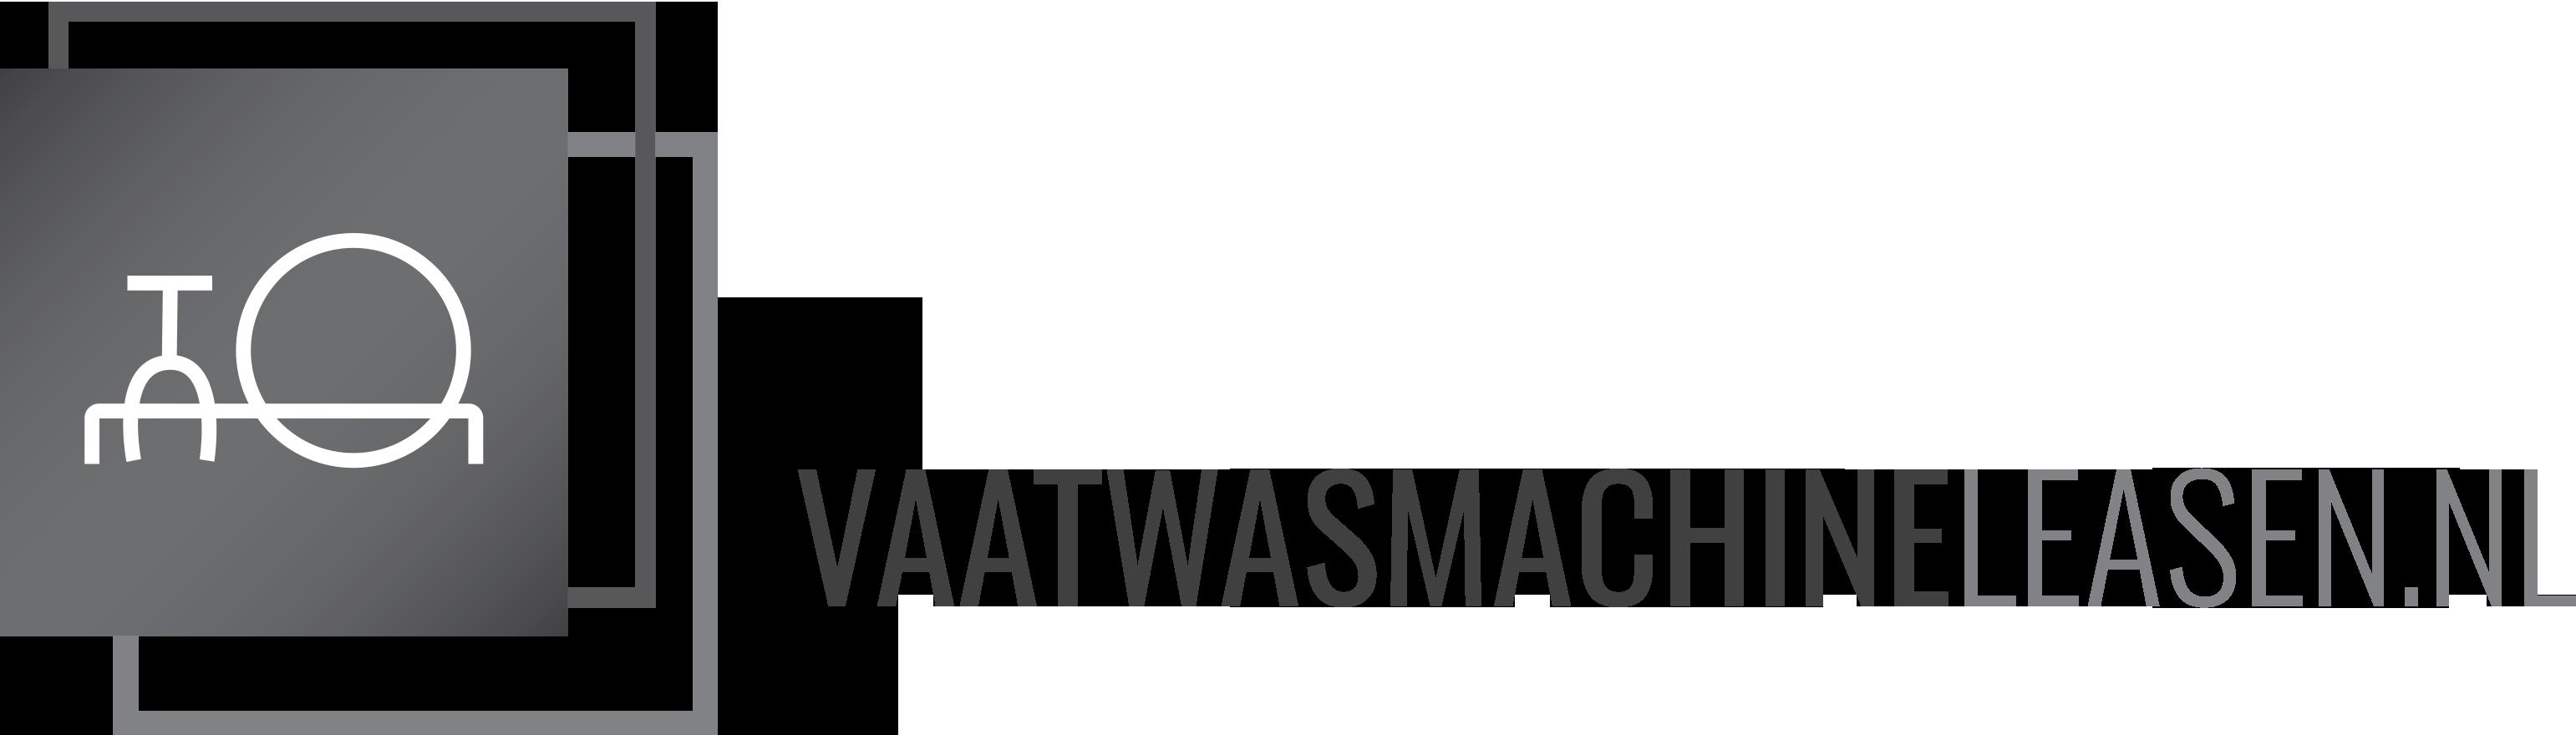 (TIP) Vaatwasmachineleasen.nl ! Rhima - Winterhalter - Hobart - Bartscher - Electrolux